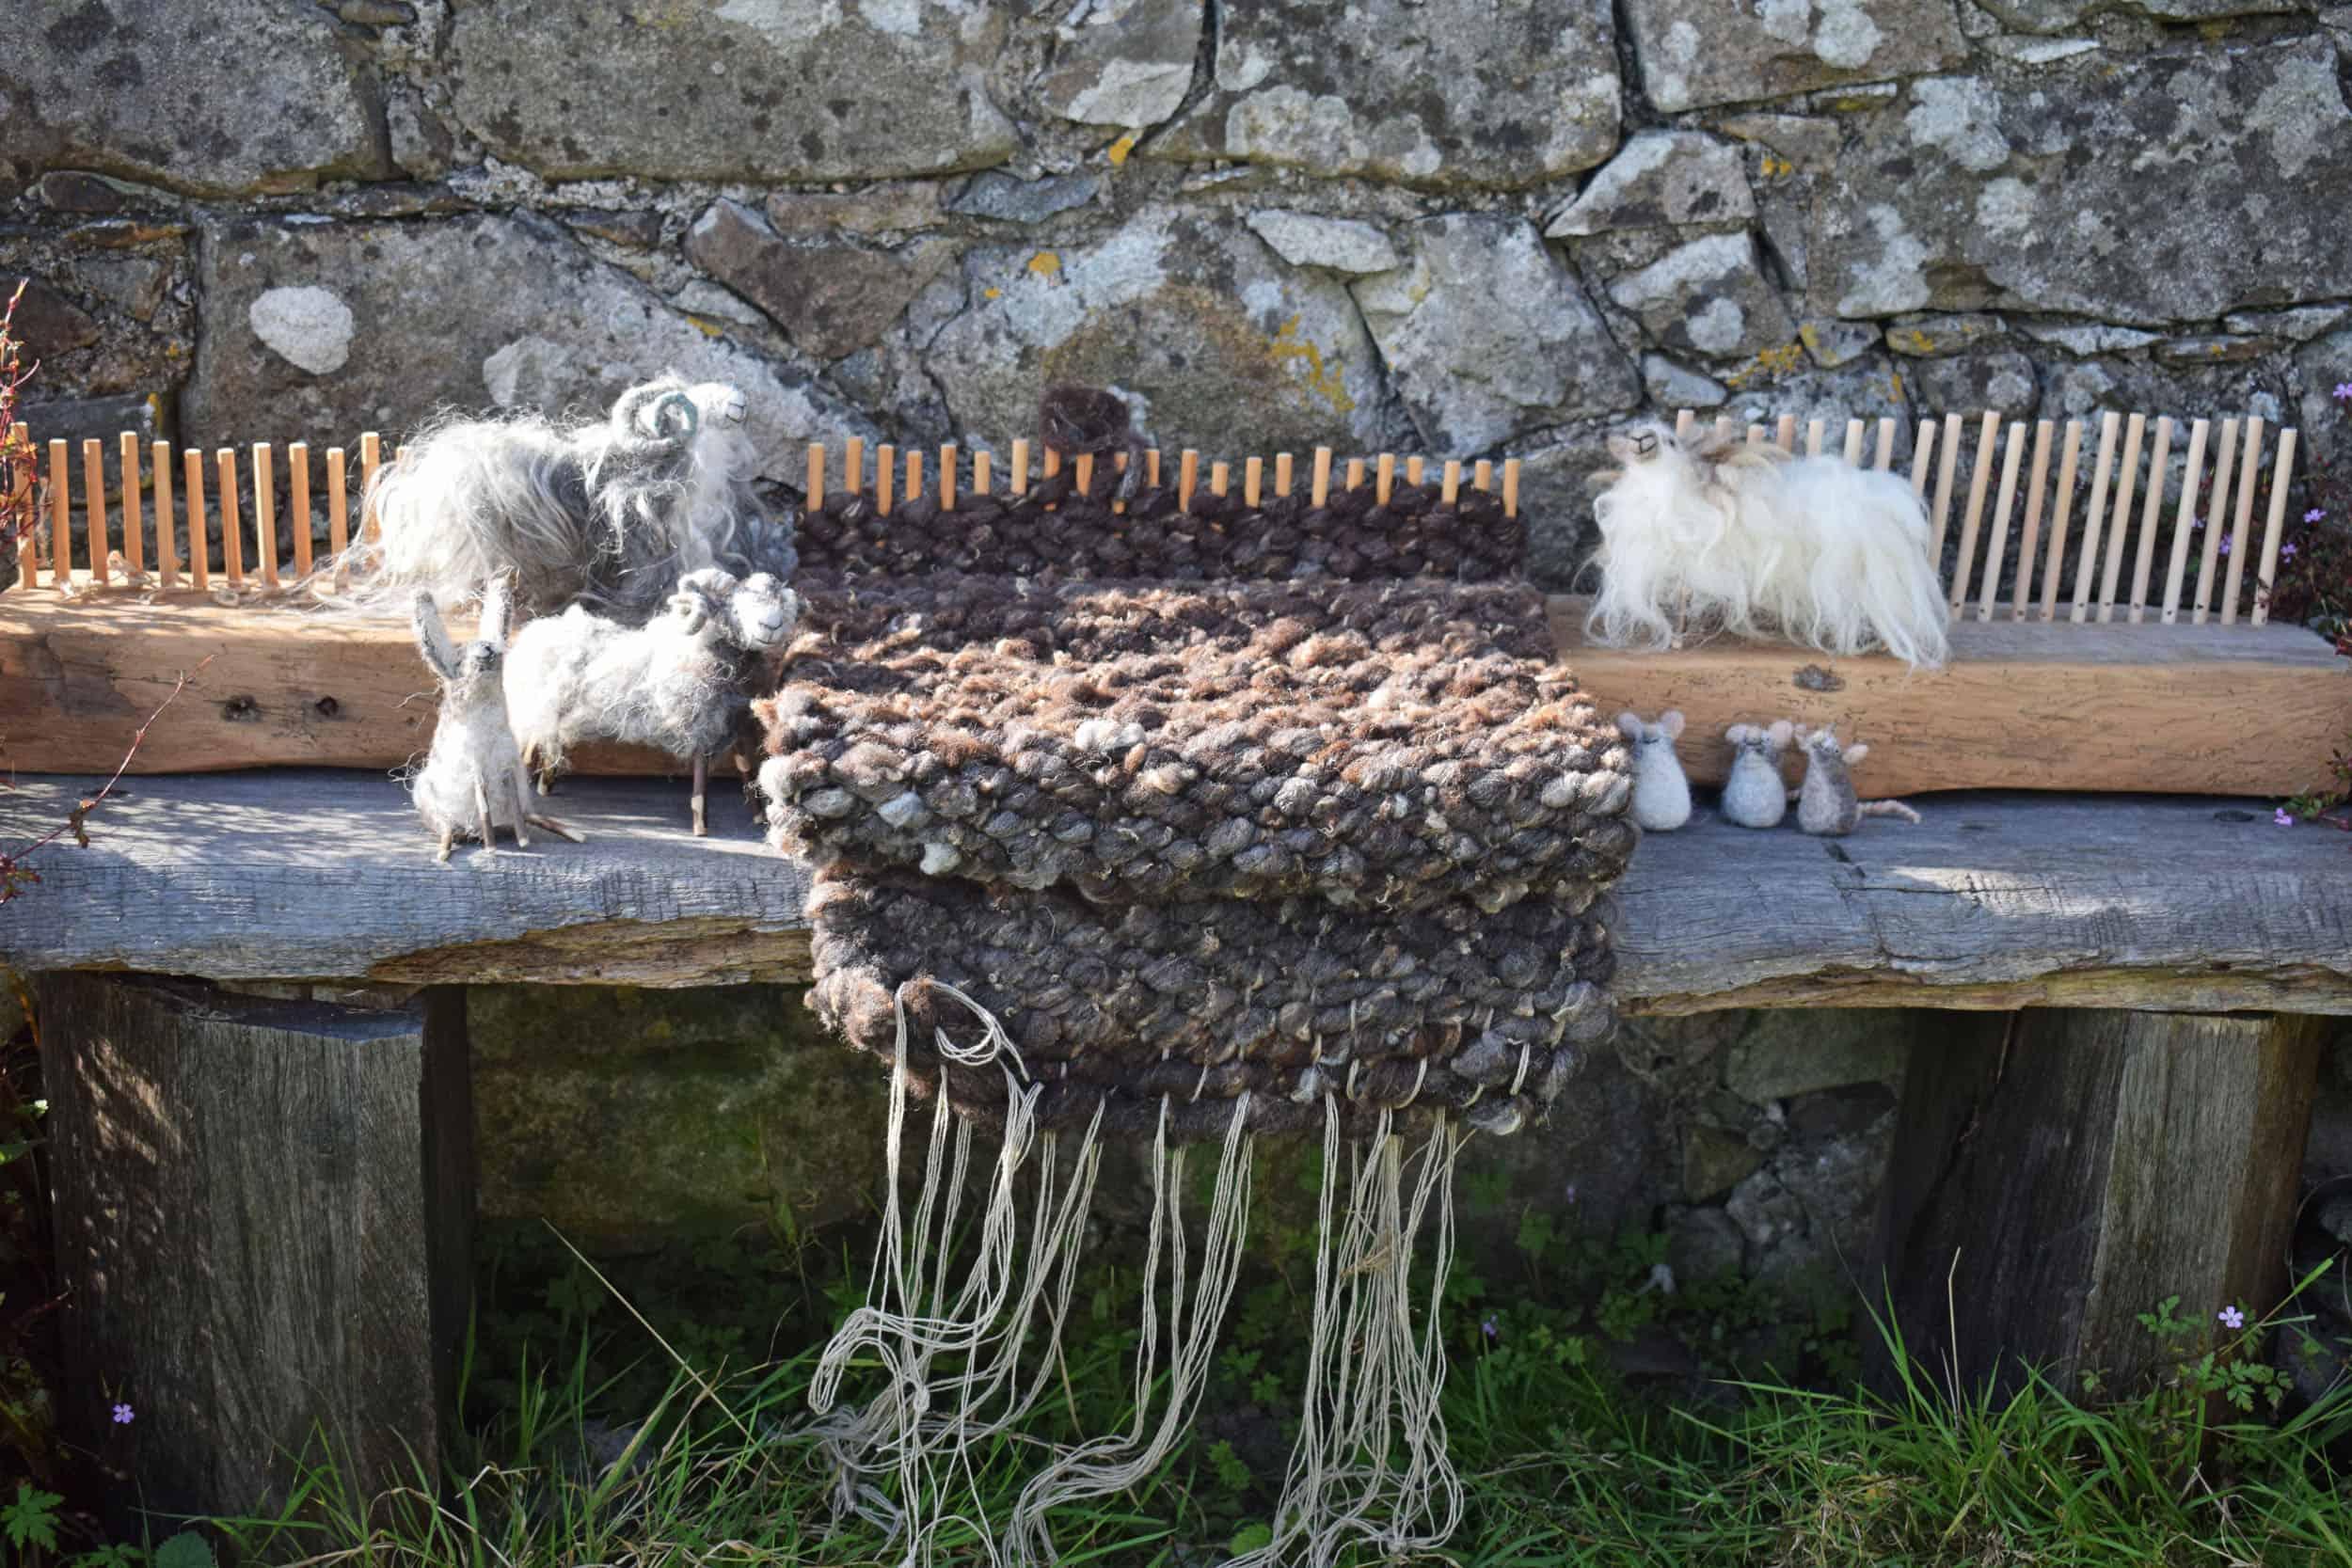 Puzzle pegloom weaving handmade loom needle felt sheep wool kind fiber